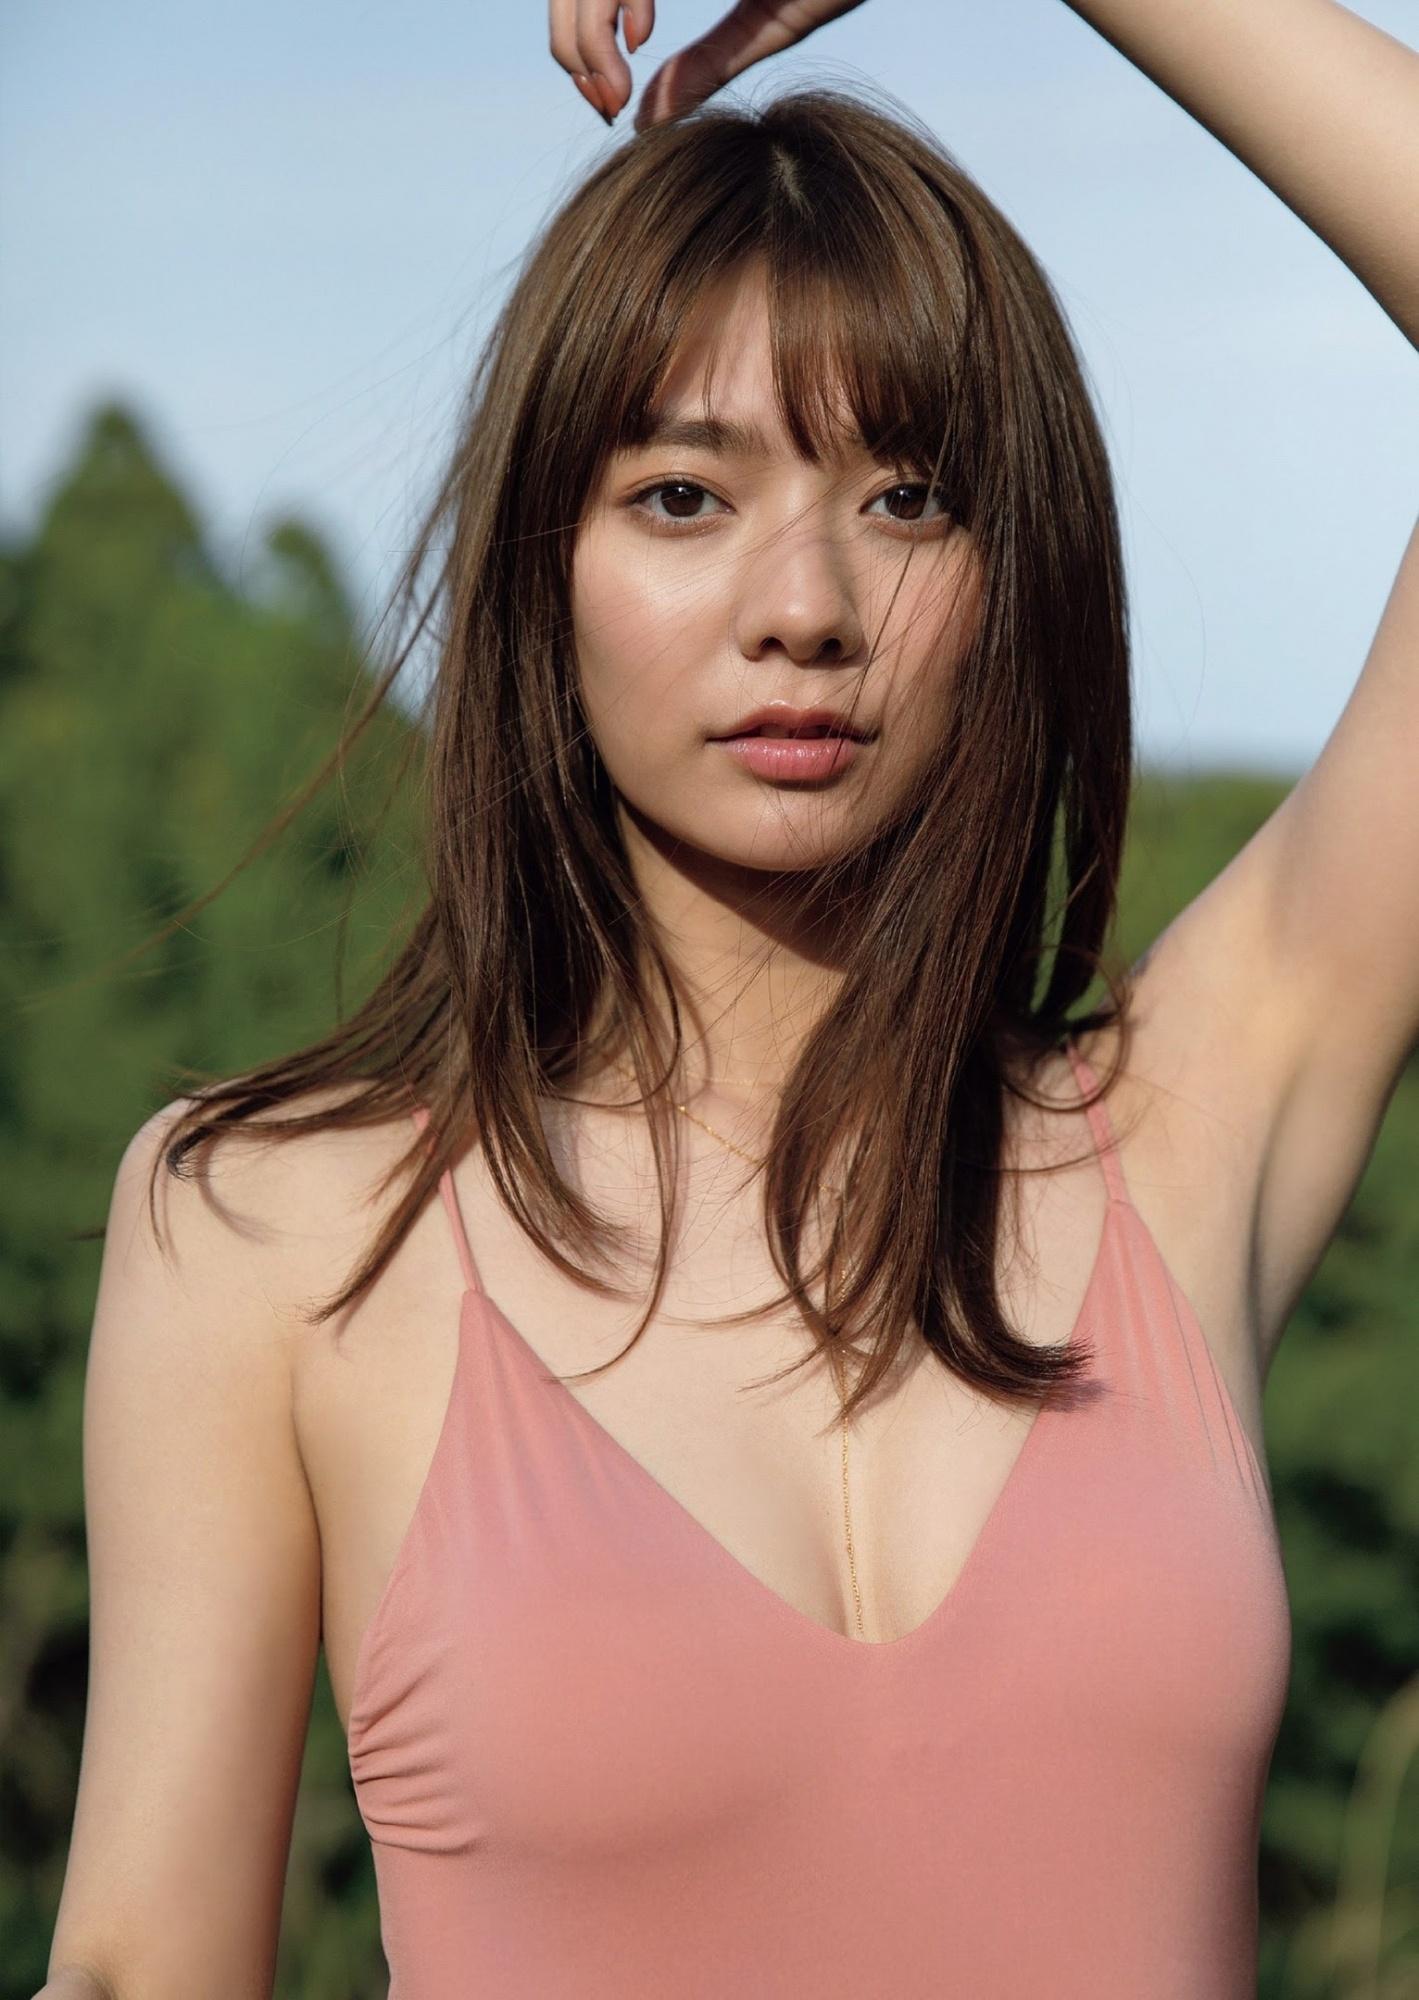 清纯美少女川津明日香日本知名模特儿兼女演员 网络美女 第7张